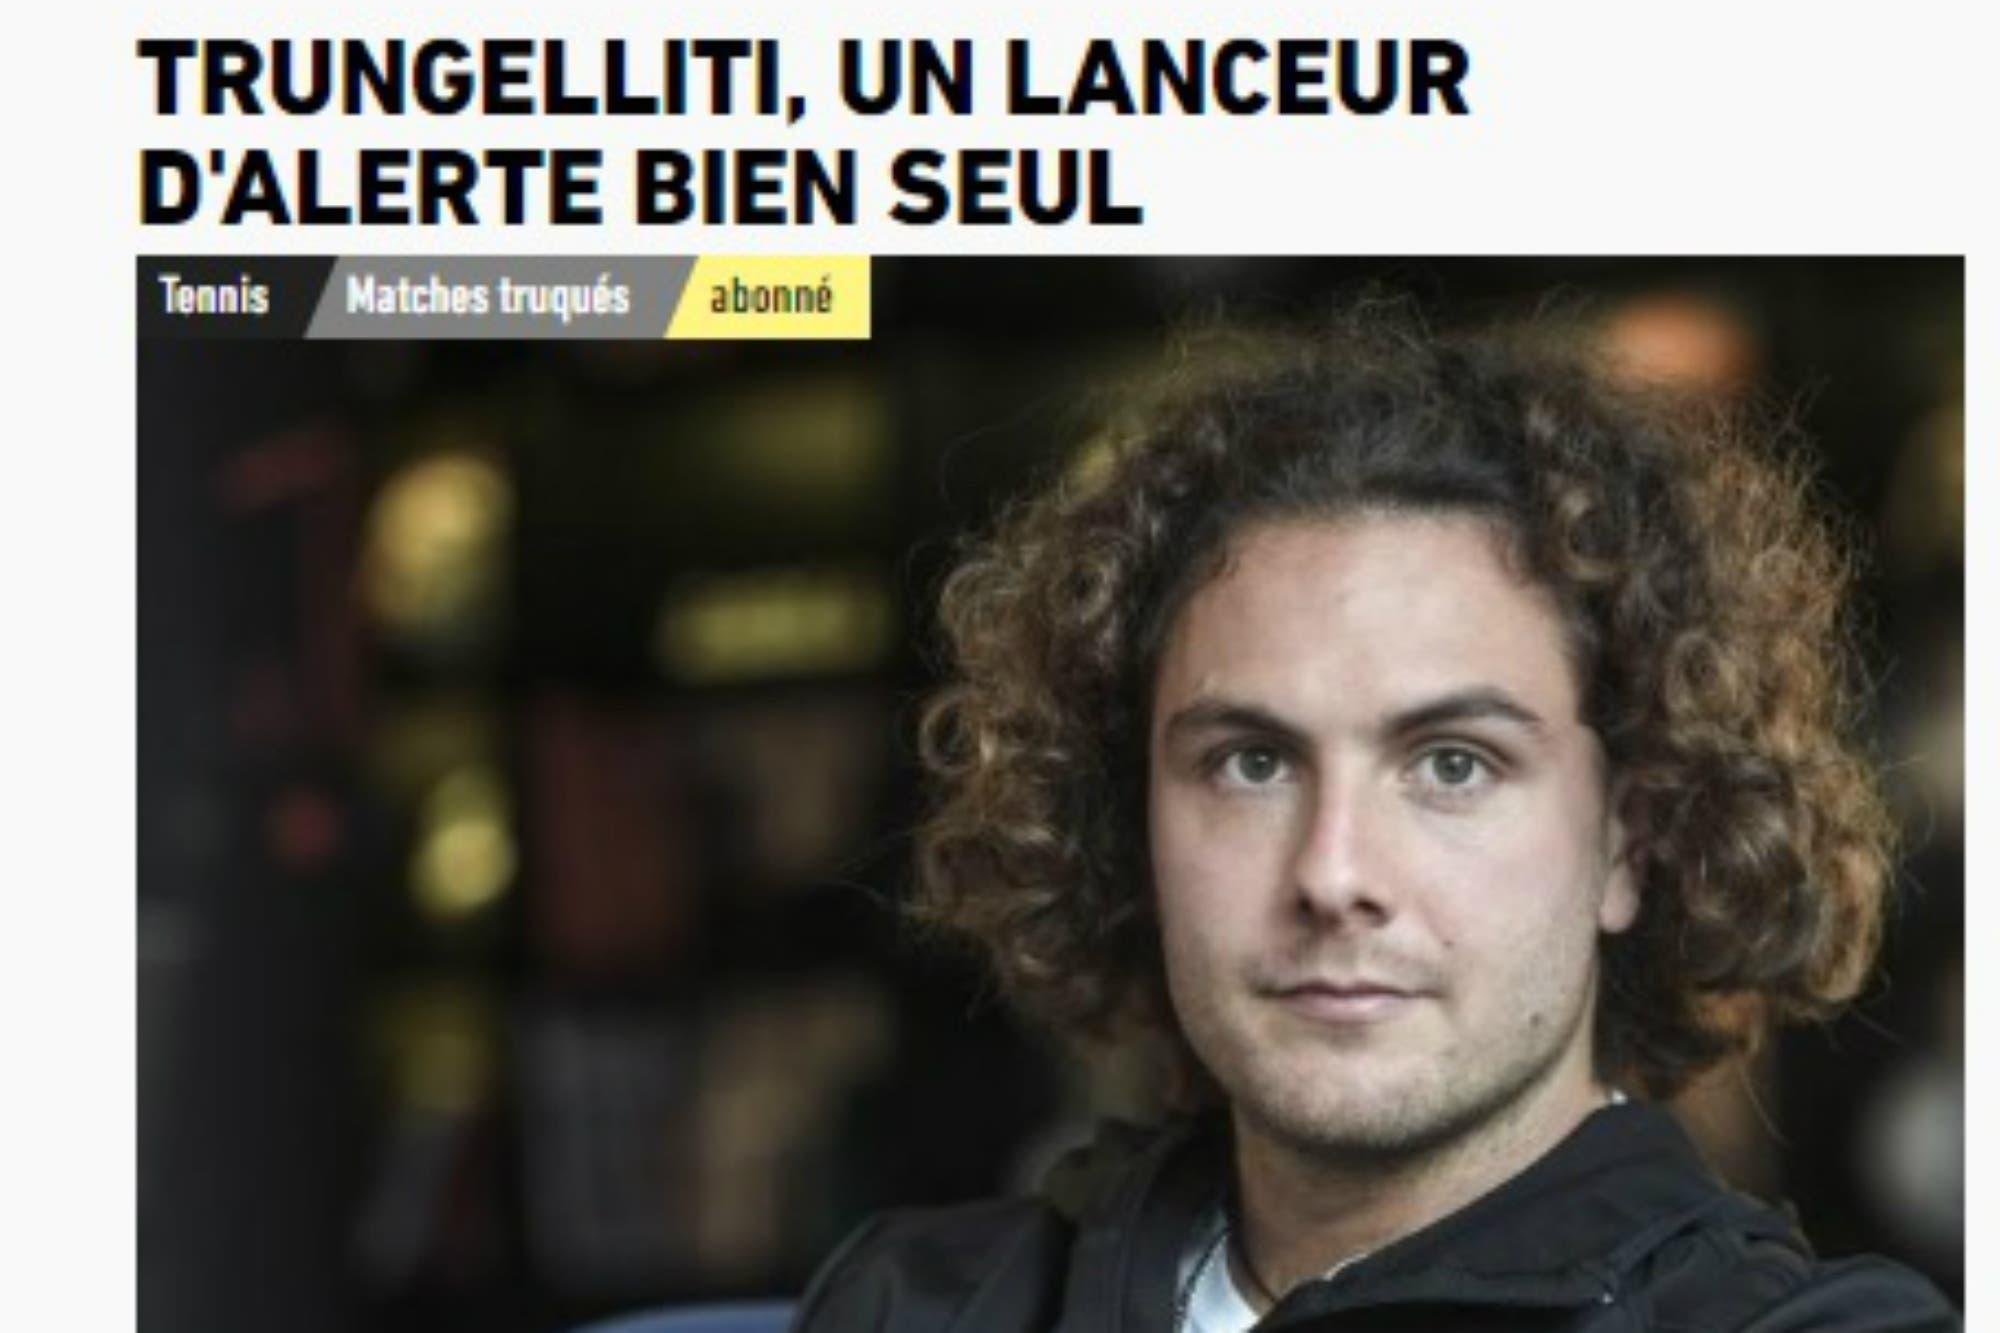 """""""Un denunciante bien solo"""": el informe de L'Equipe sobre Trungelliti y las apuestas en el tenis"""